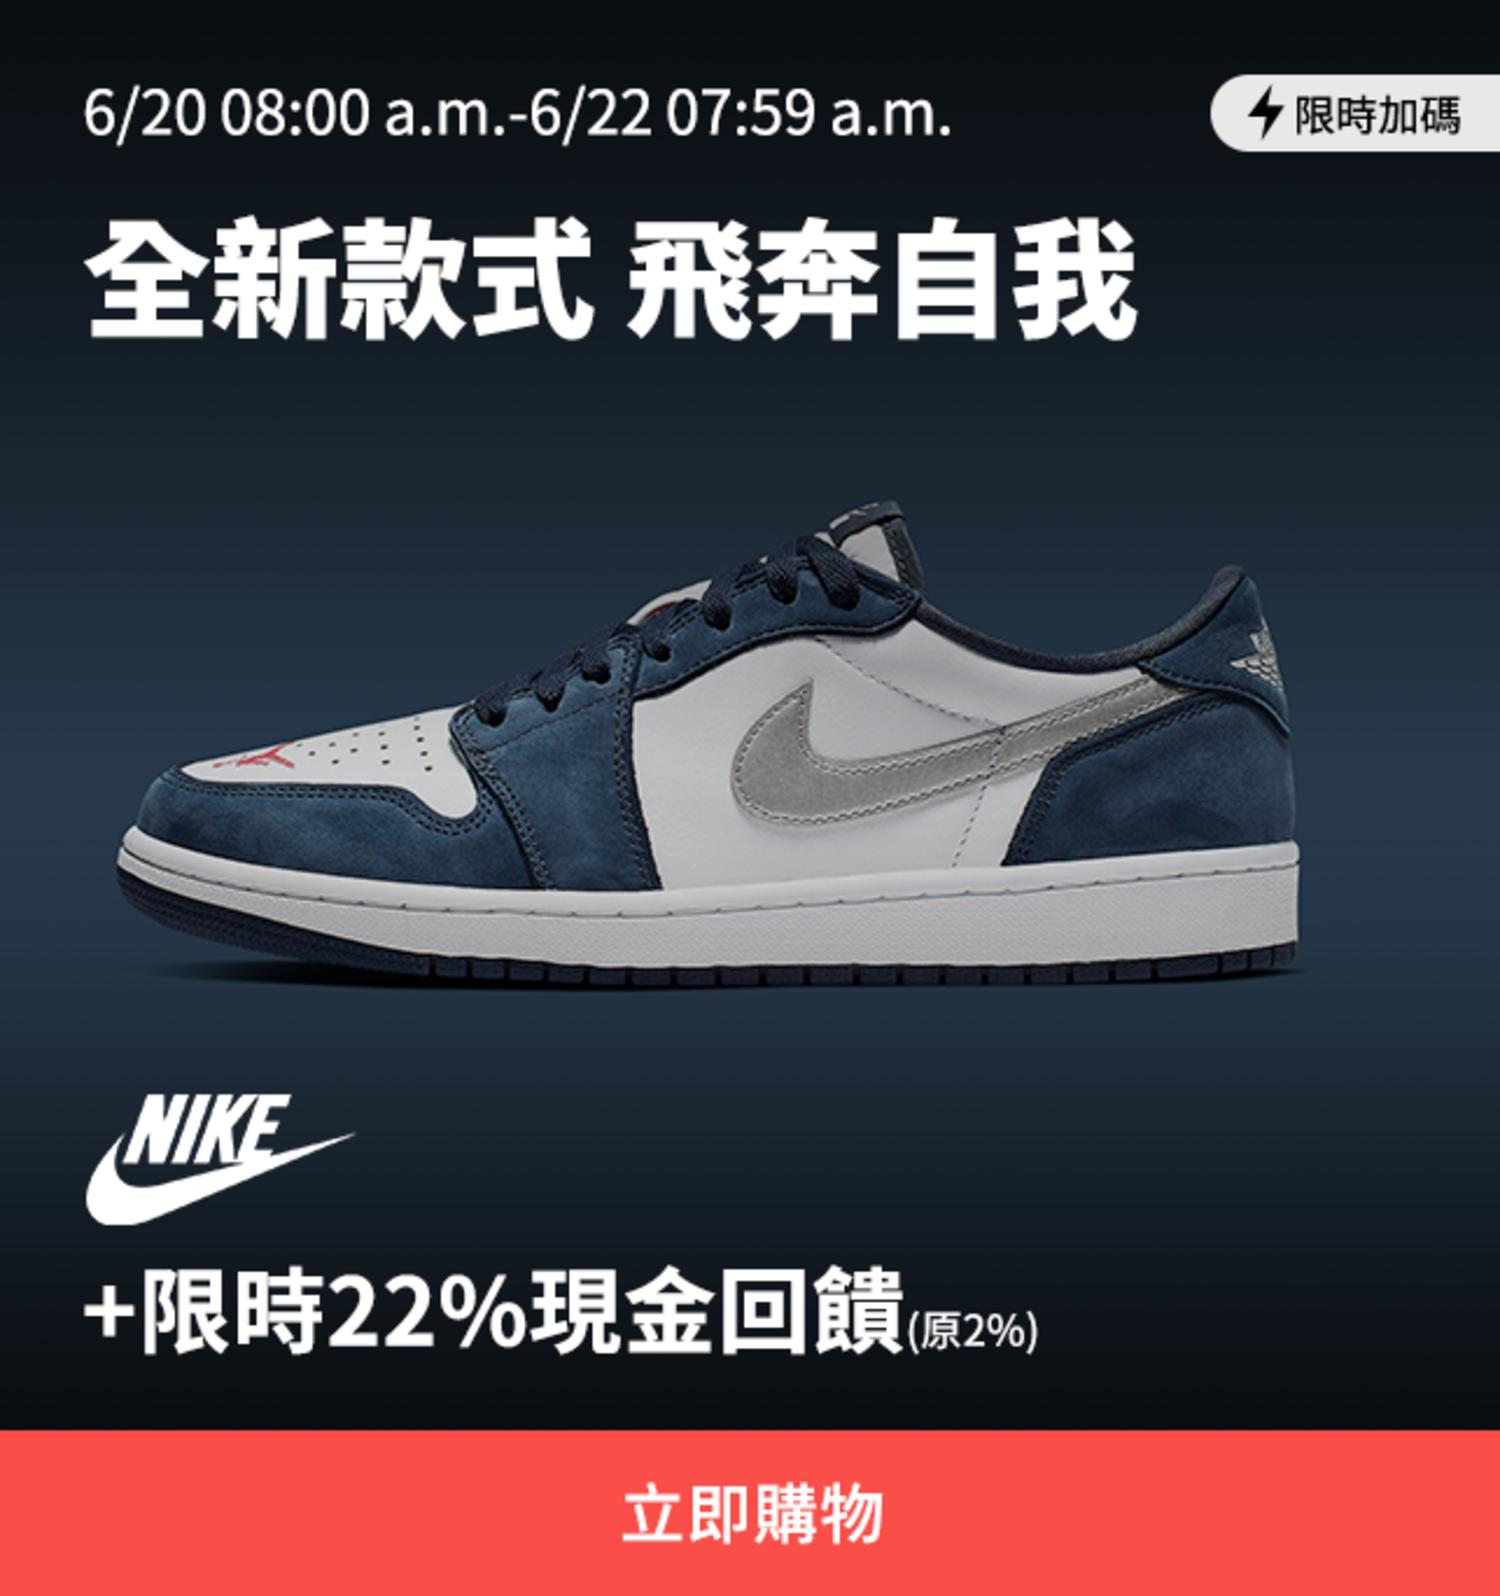 Nike 加碼 6/20 8:00a.m.-6/22 7:59a.m.